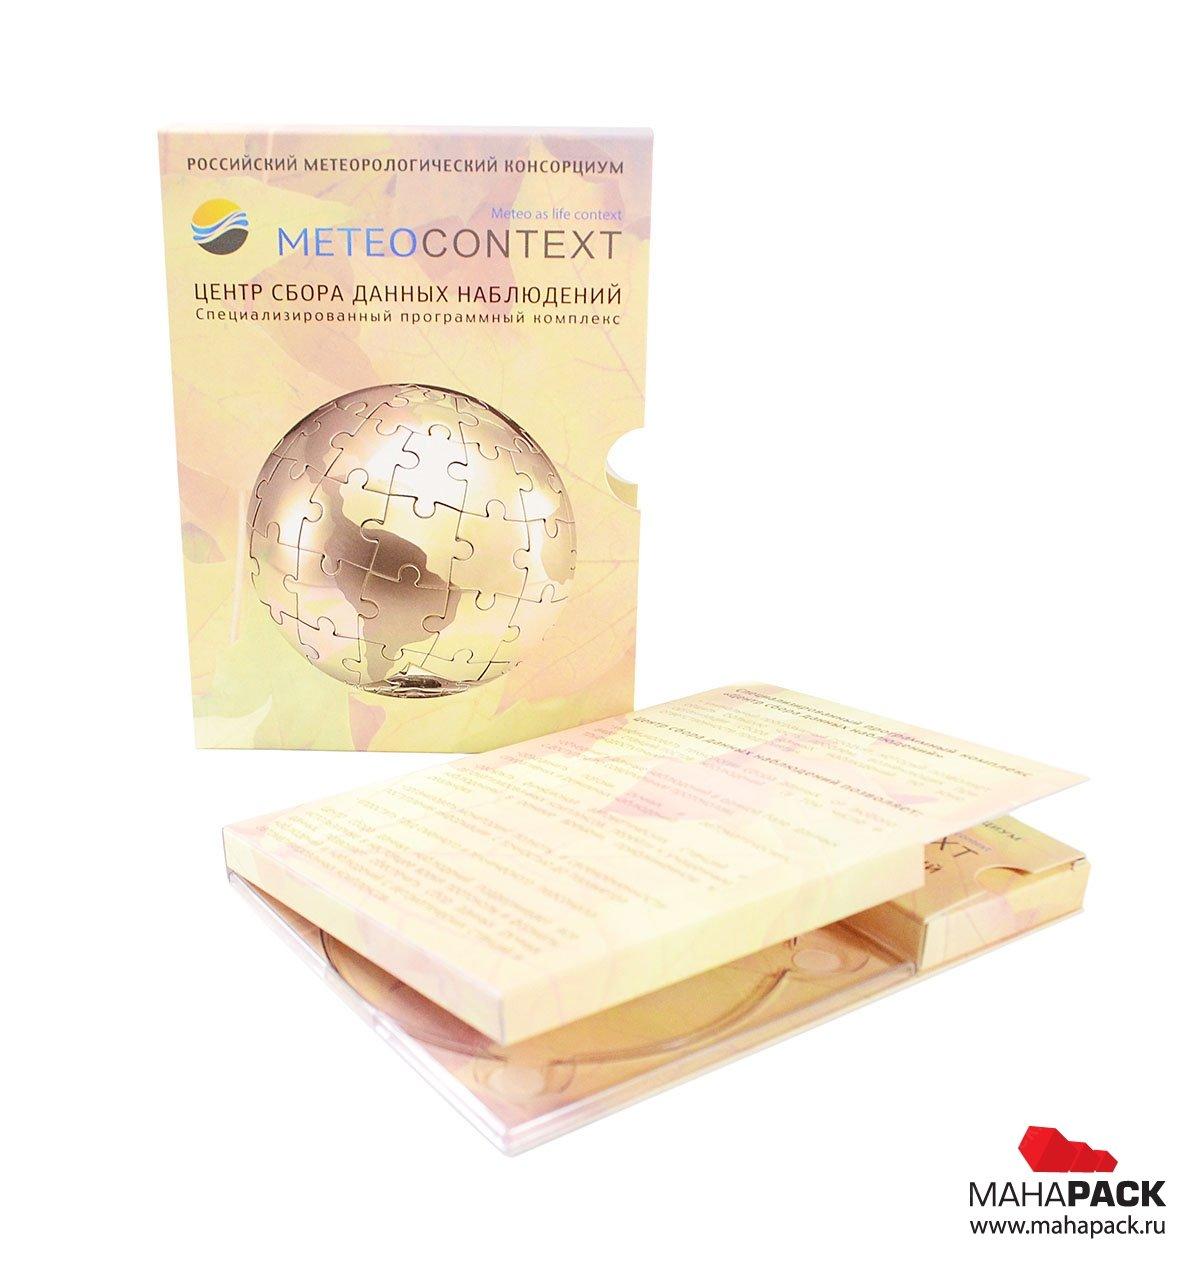 Картонная упаковка для флэшек, диска и буклета